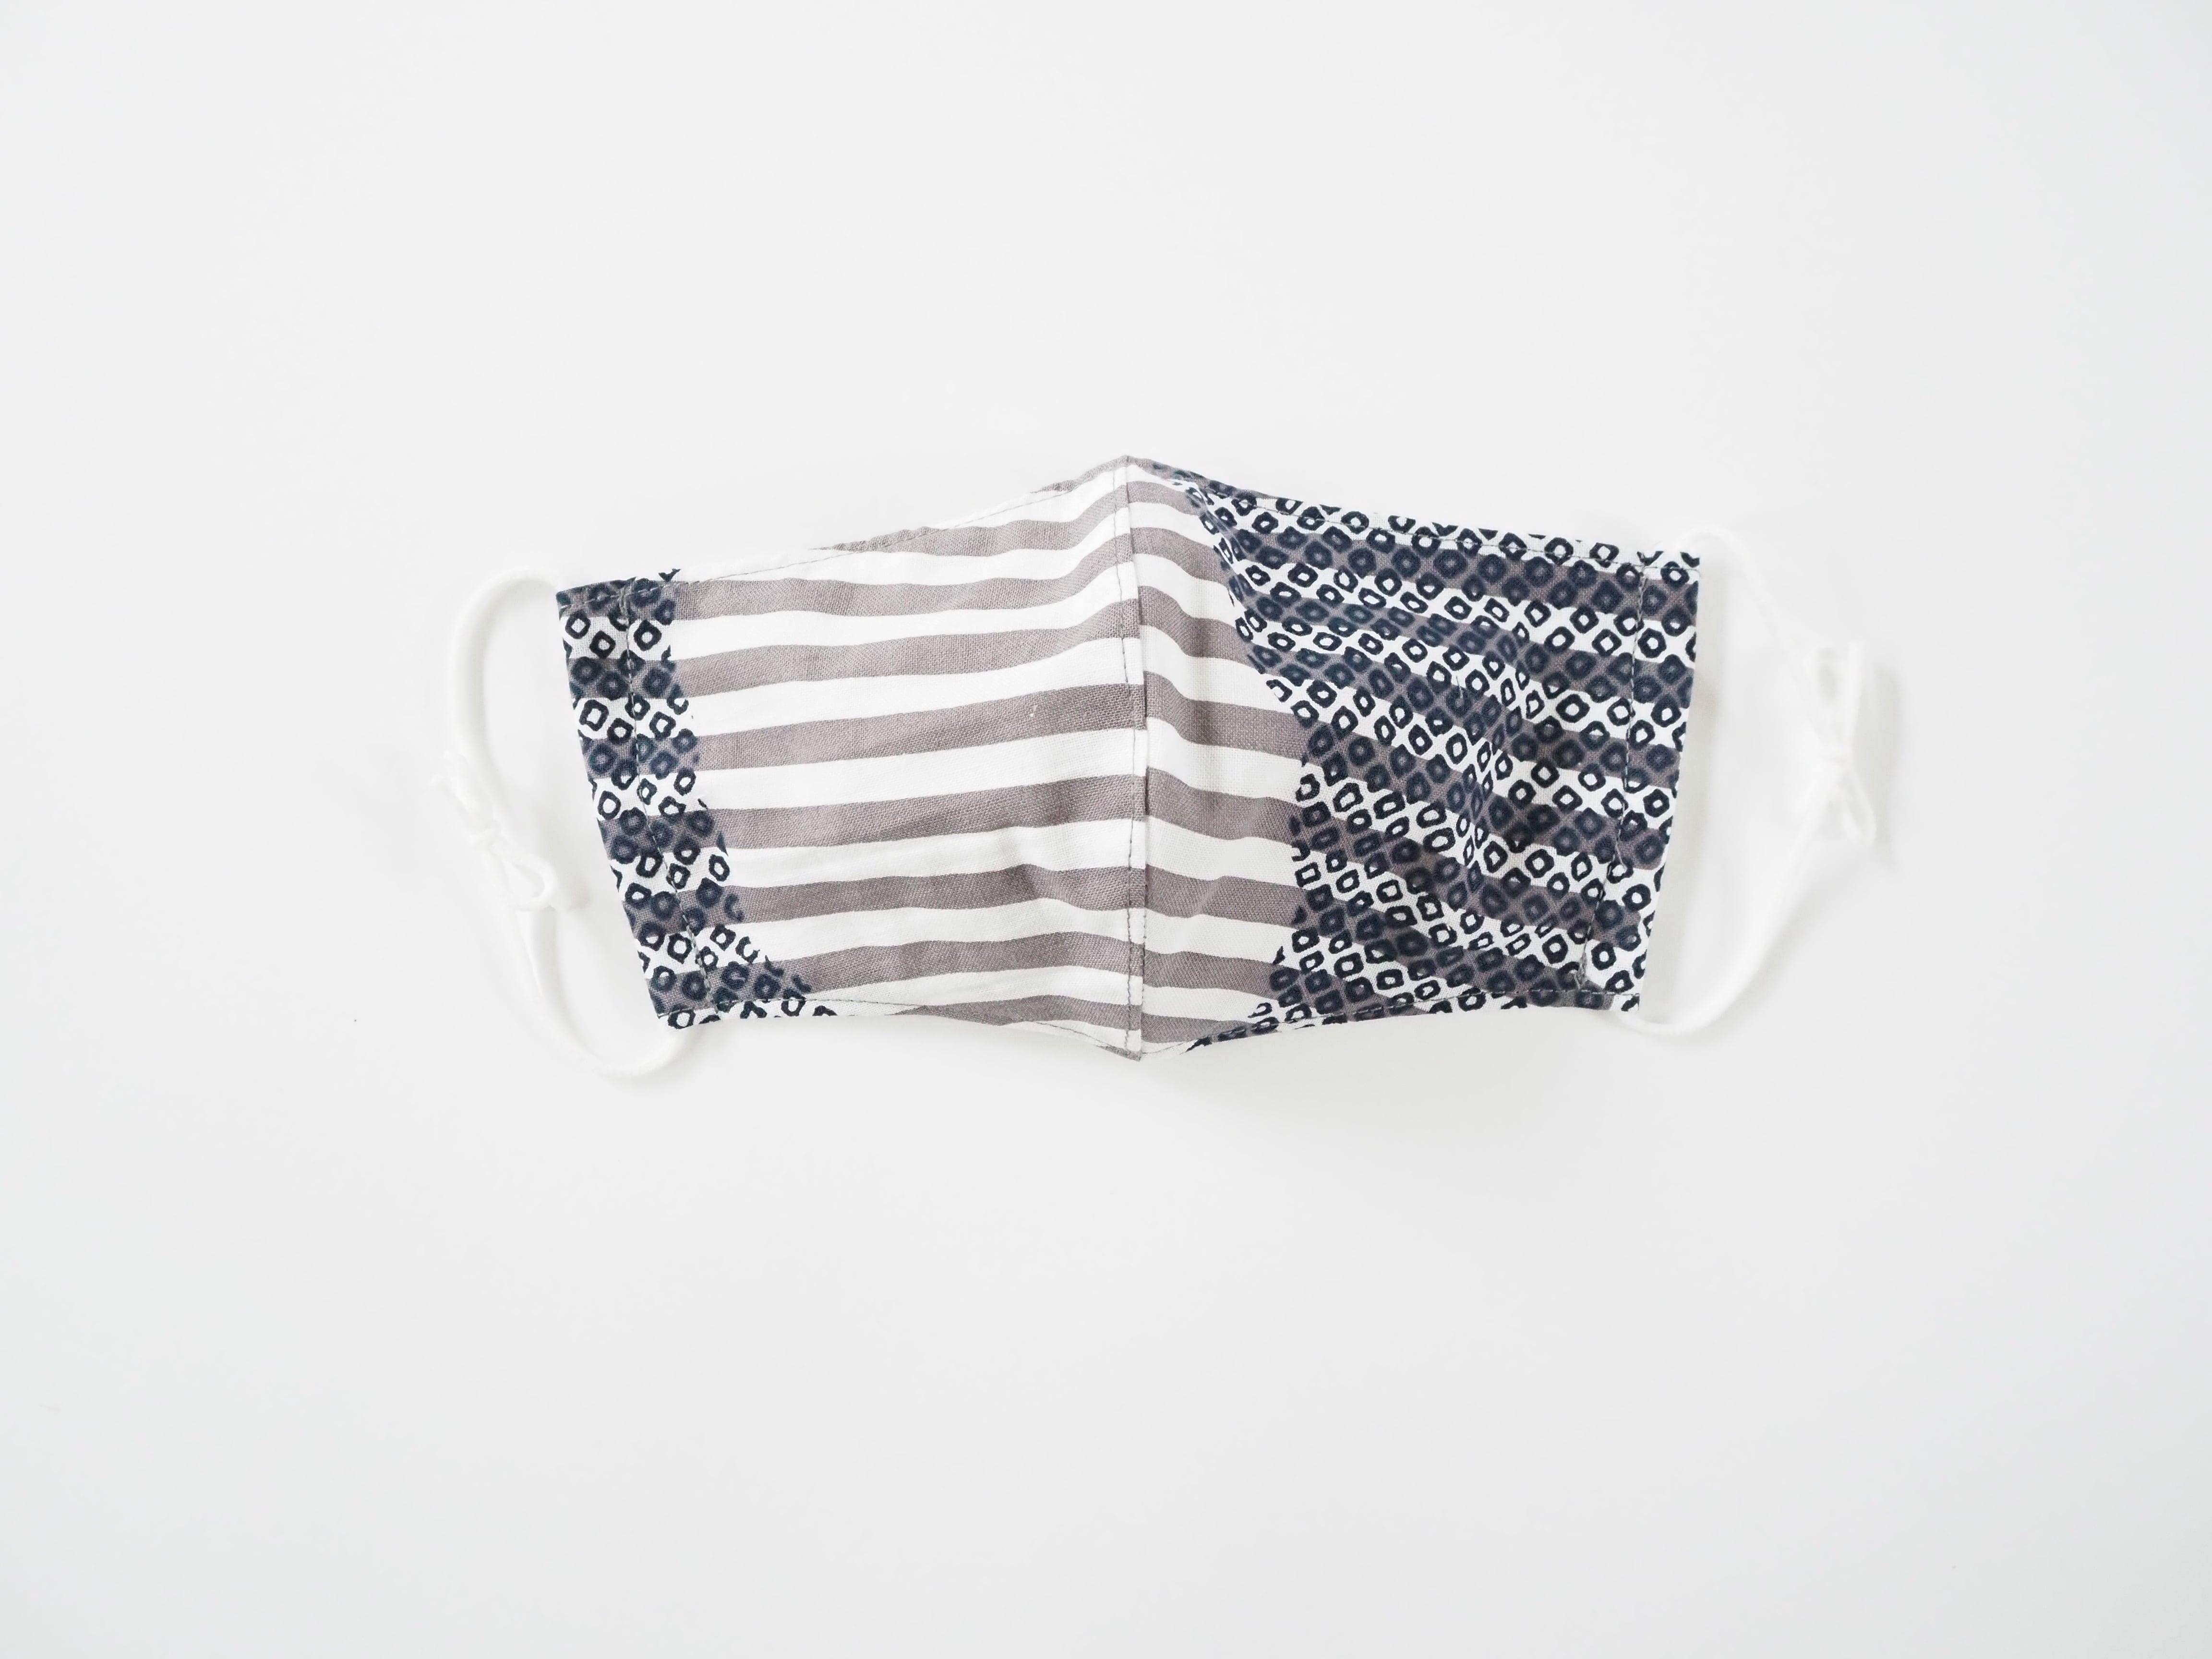 ケイコロール  大人マスク 「ねずの横段と納戸の疋田」 立体仕立て ダブルガーゼ仕様